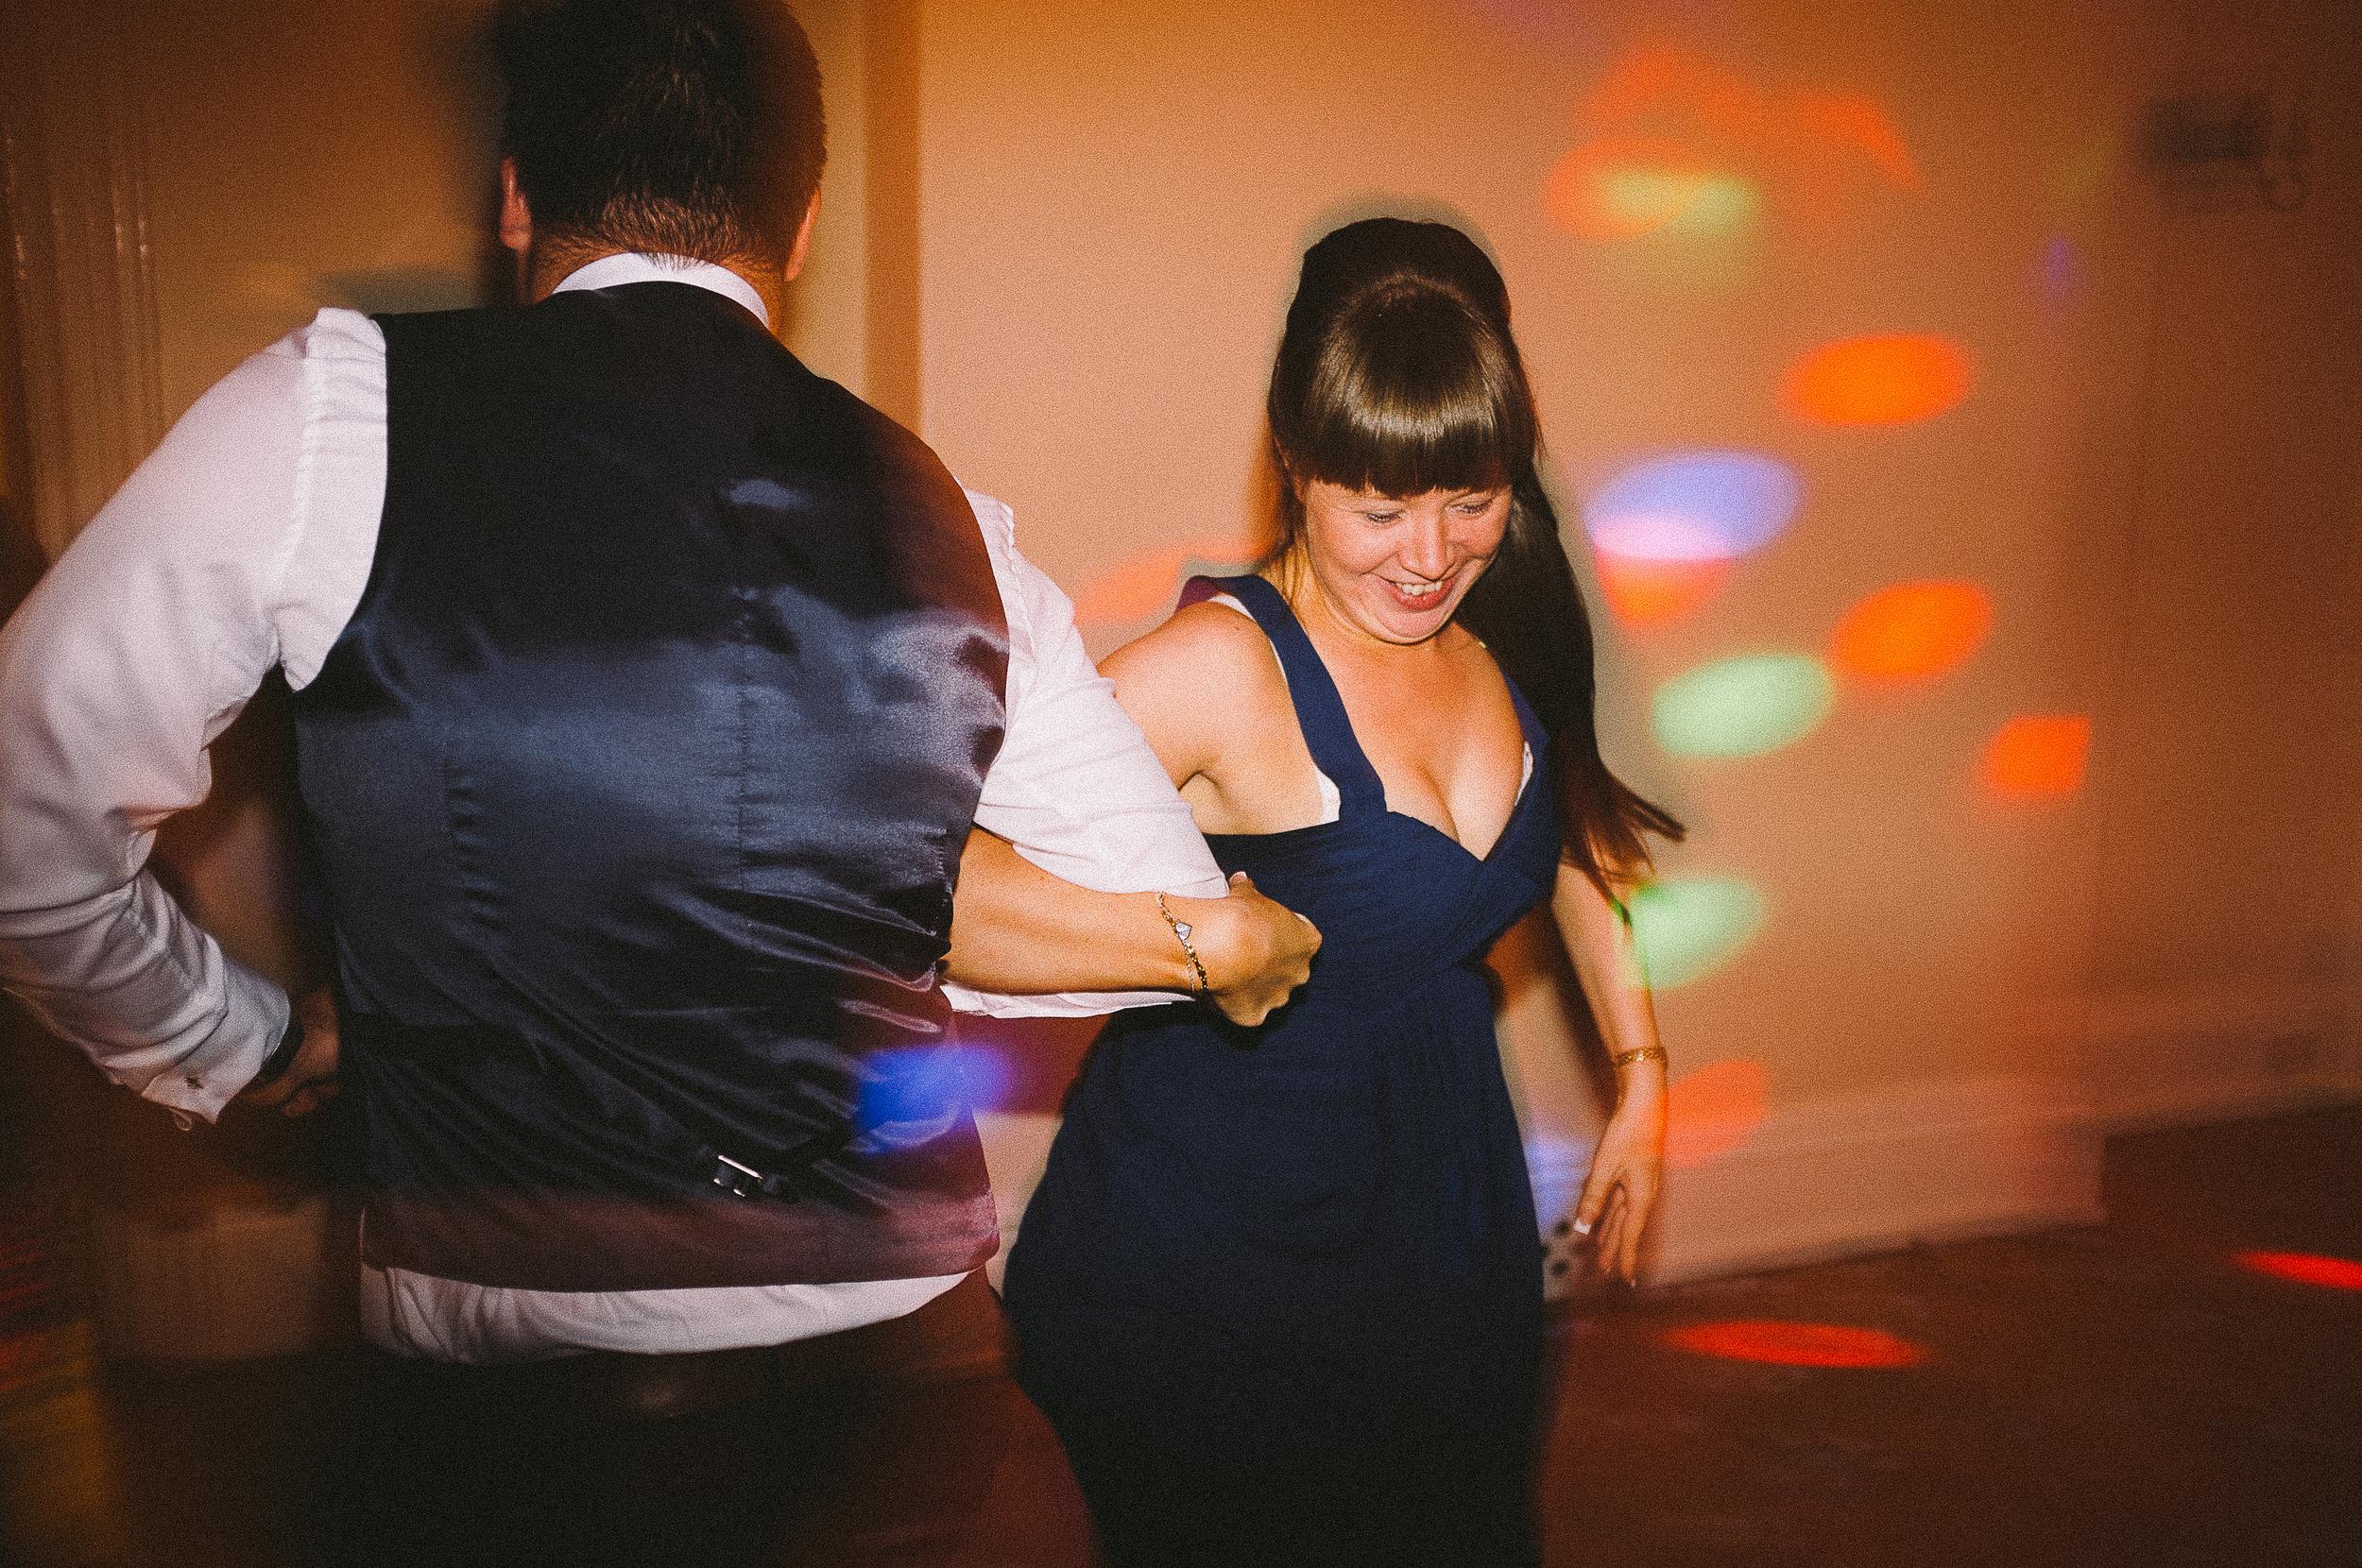 kerrie_nick_wedding-416.jpg